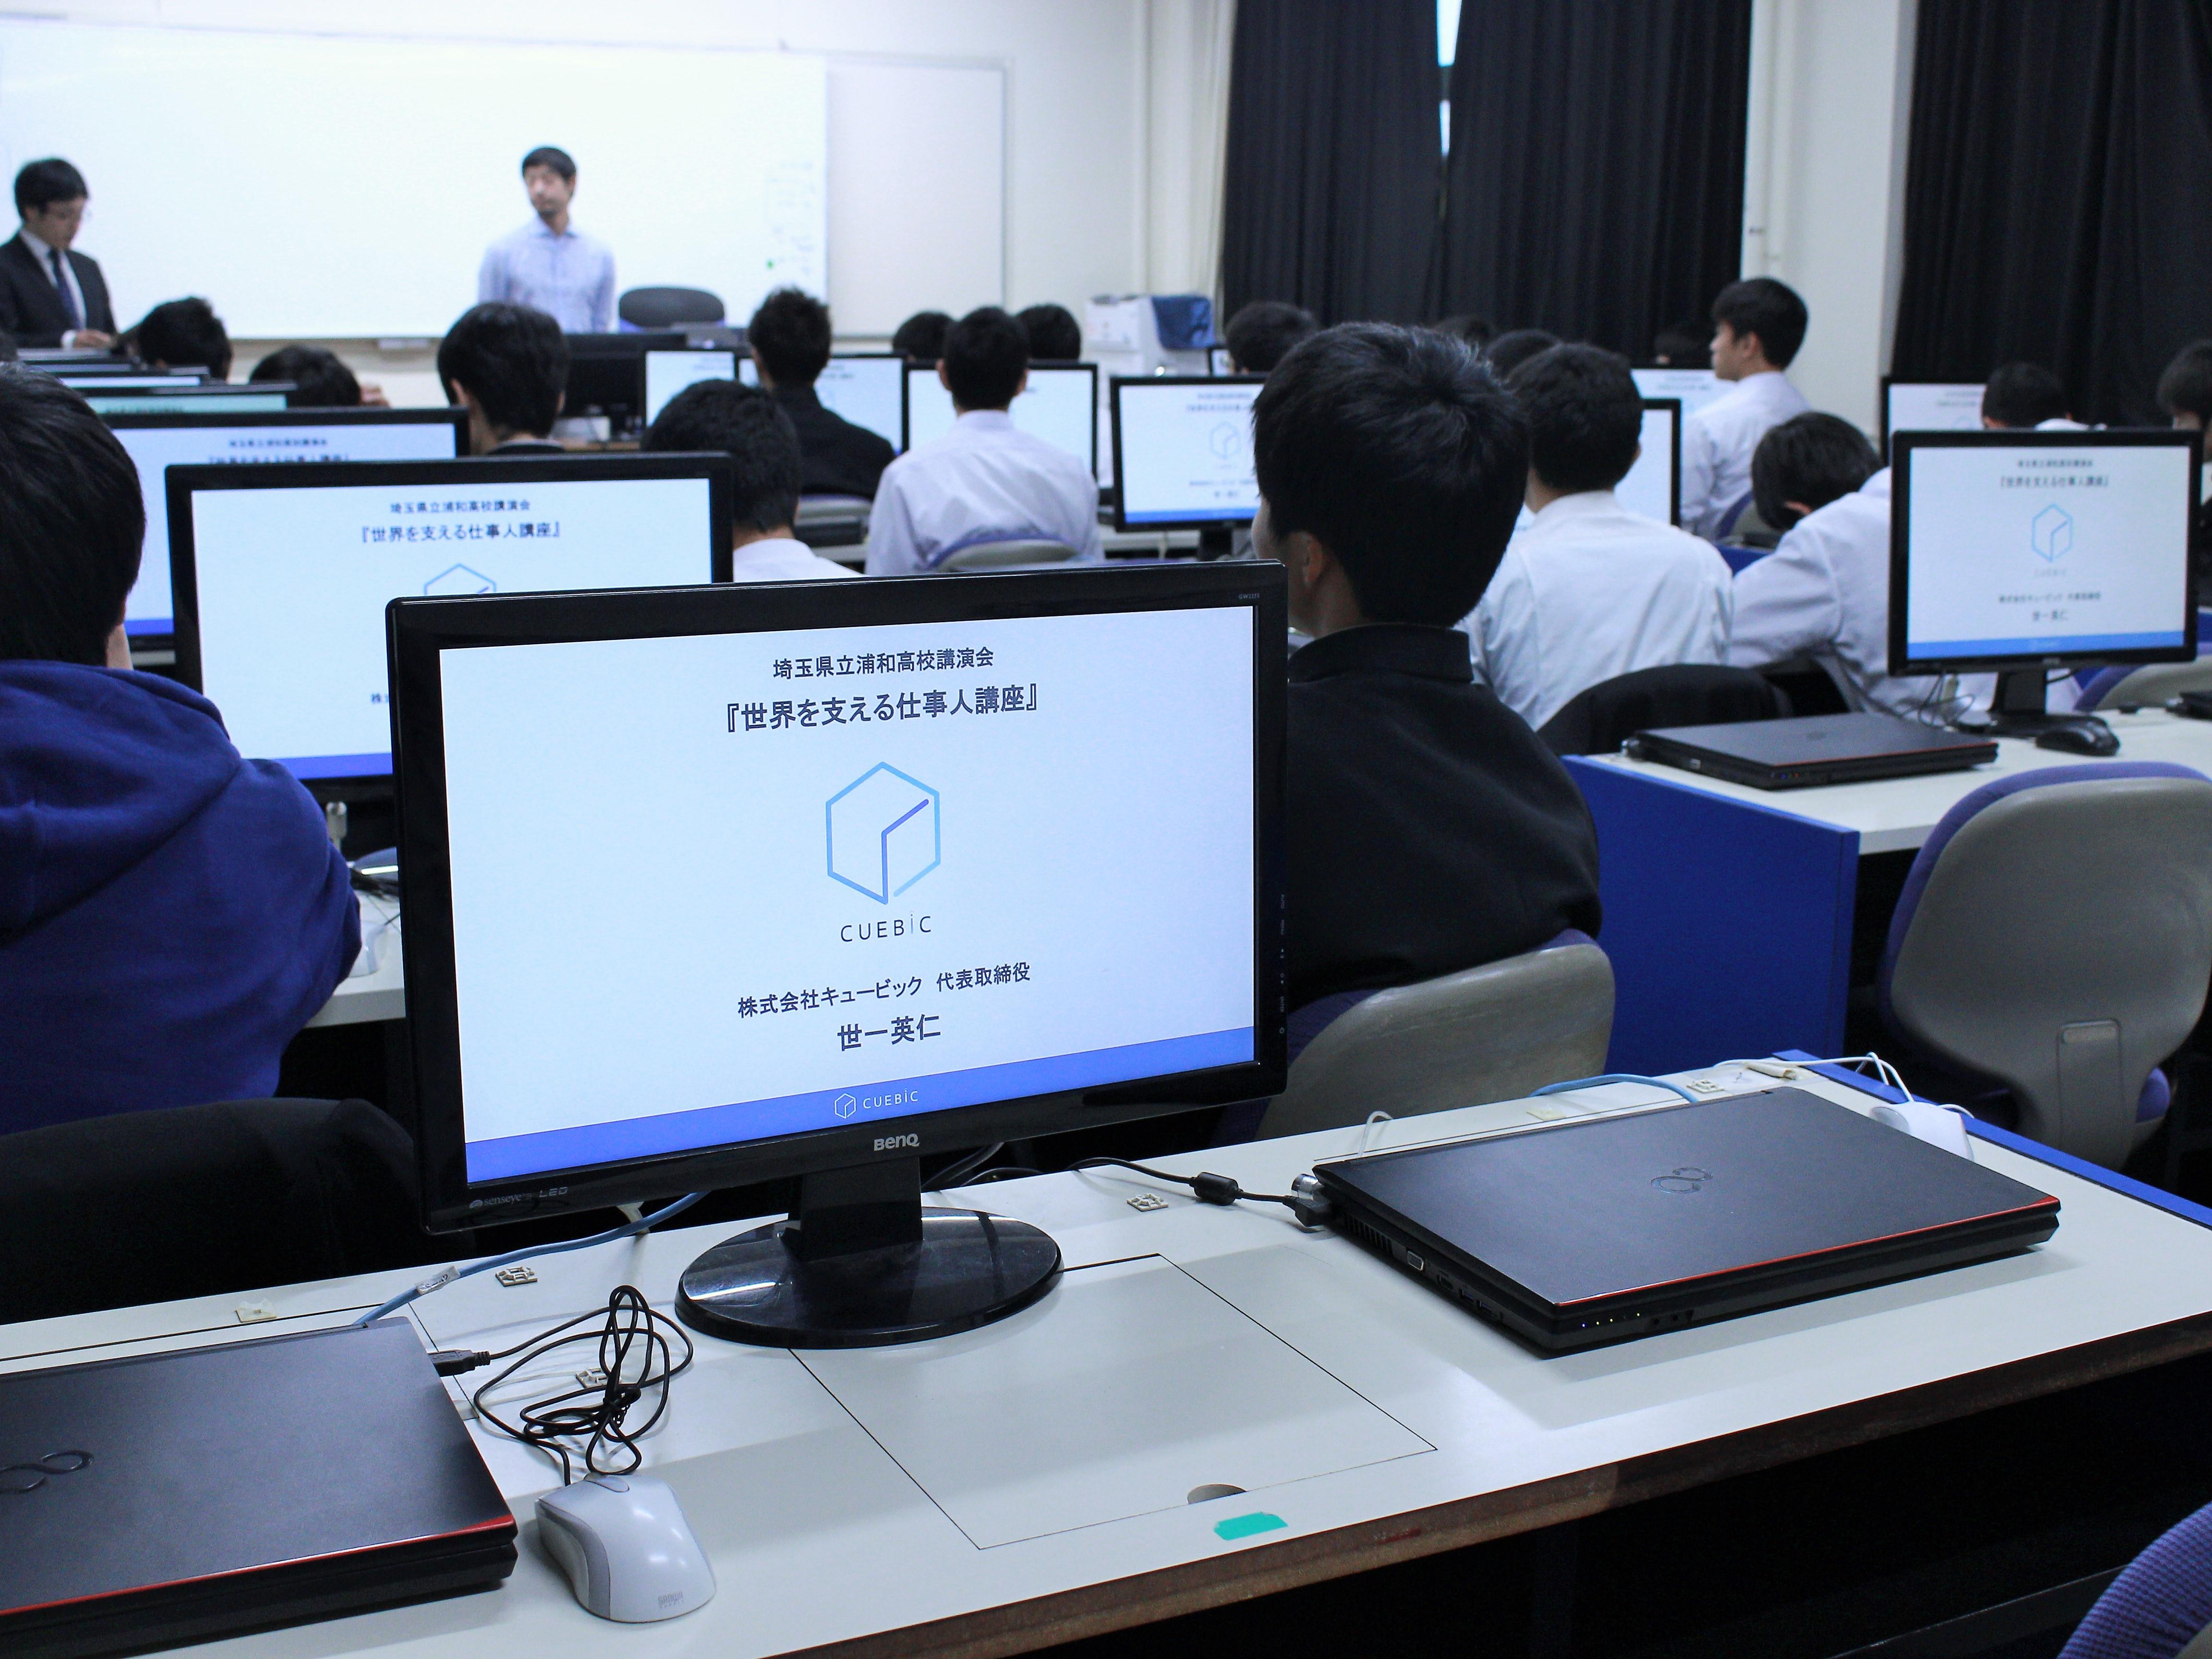 会場となった視聴覚室には、世一の作成したスライドが表示されています